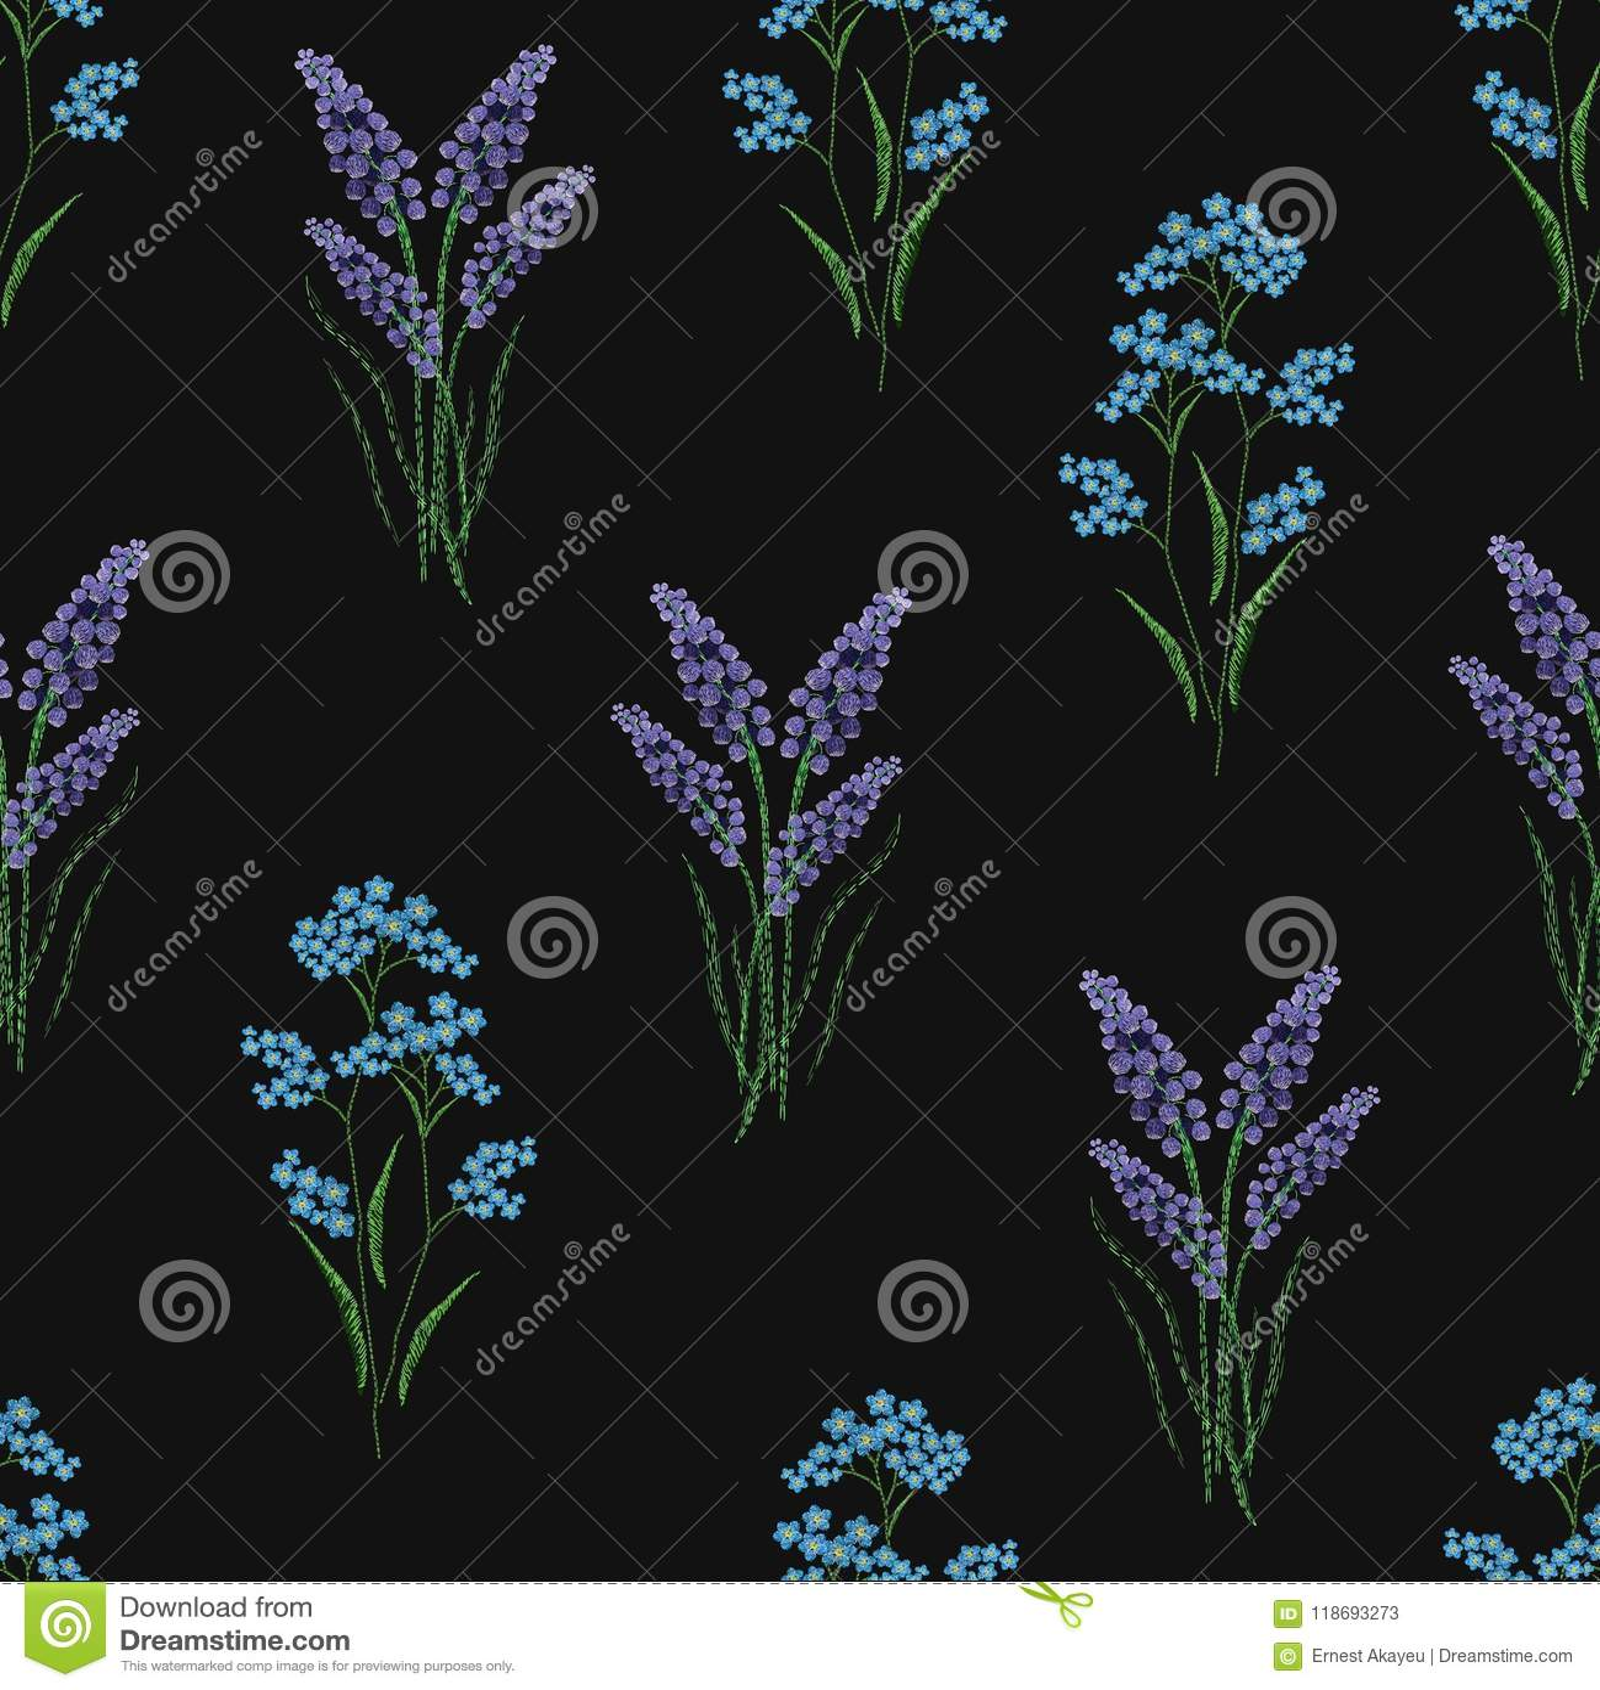 Het botanische naadloze patroon met geborduurd bloeiend lavendel en vergeet-mij-nietje bloeit op zwarte achtergrond achtergrond